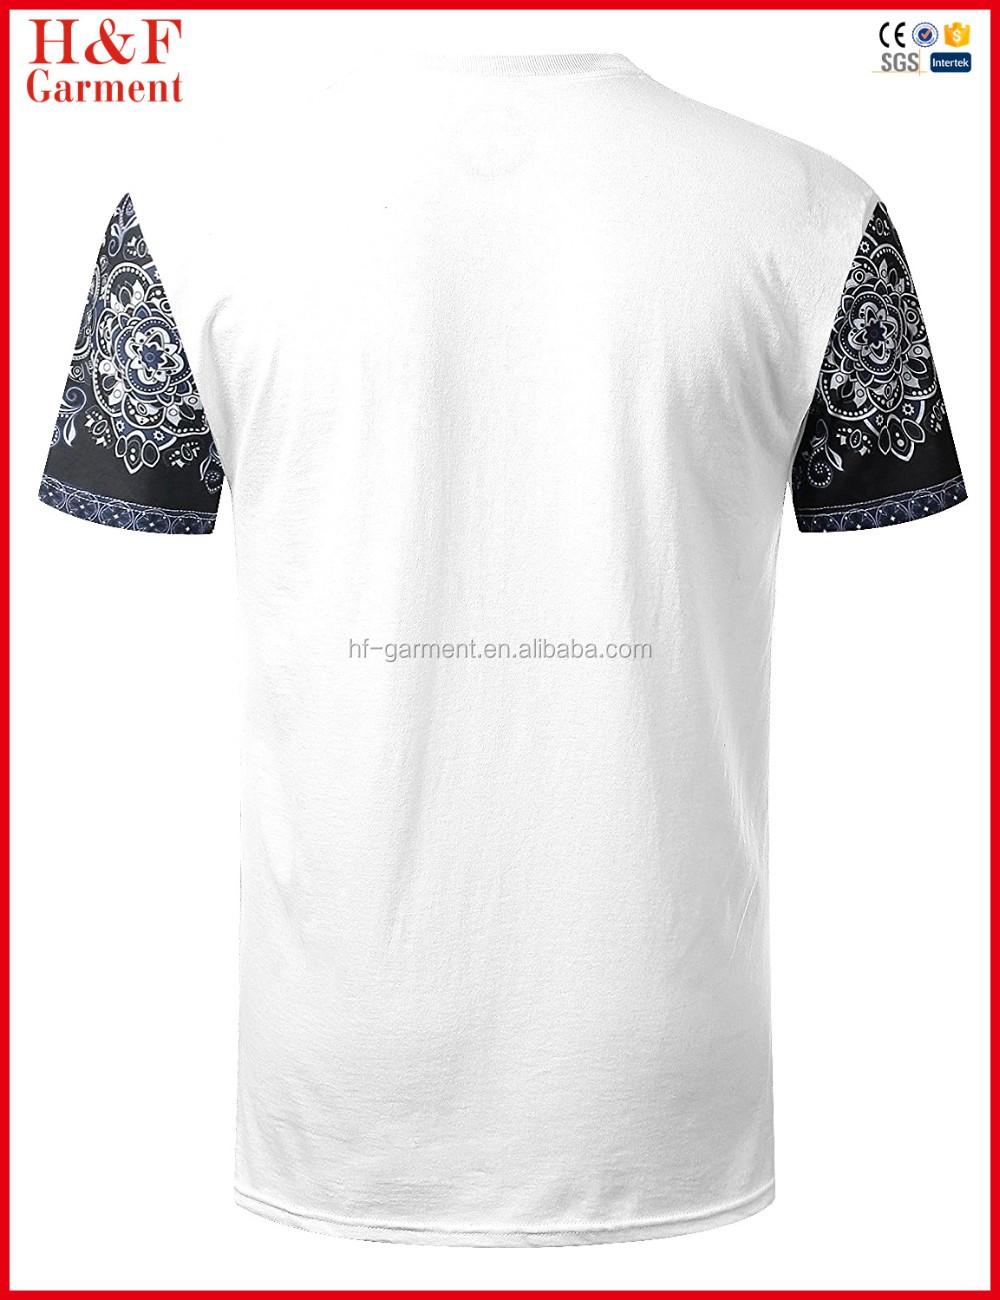 Design Your Own Plain Cotton Pocket T Shirt Wholesale Hm Clothing